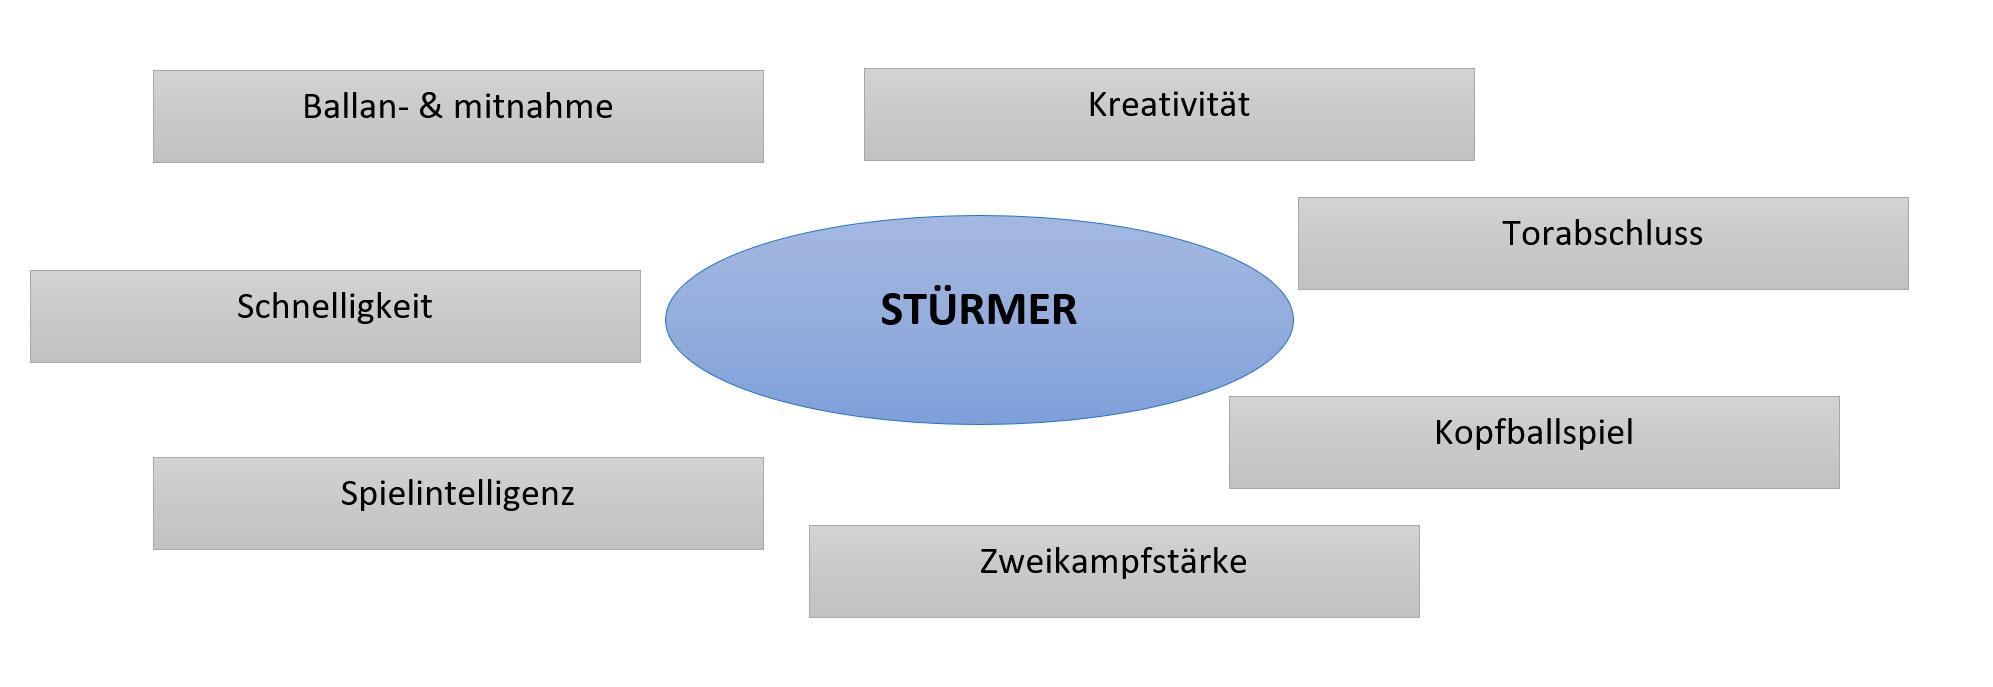 Die Eigenschaften eines Stürmers auf einen Blick - fussballtraining